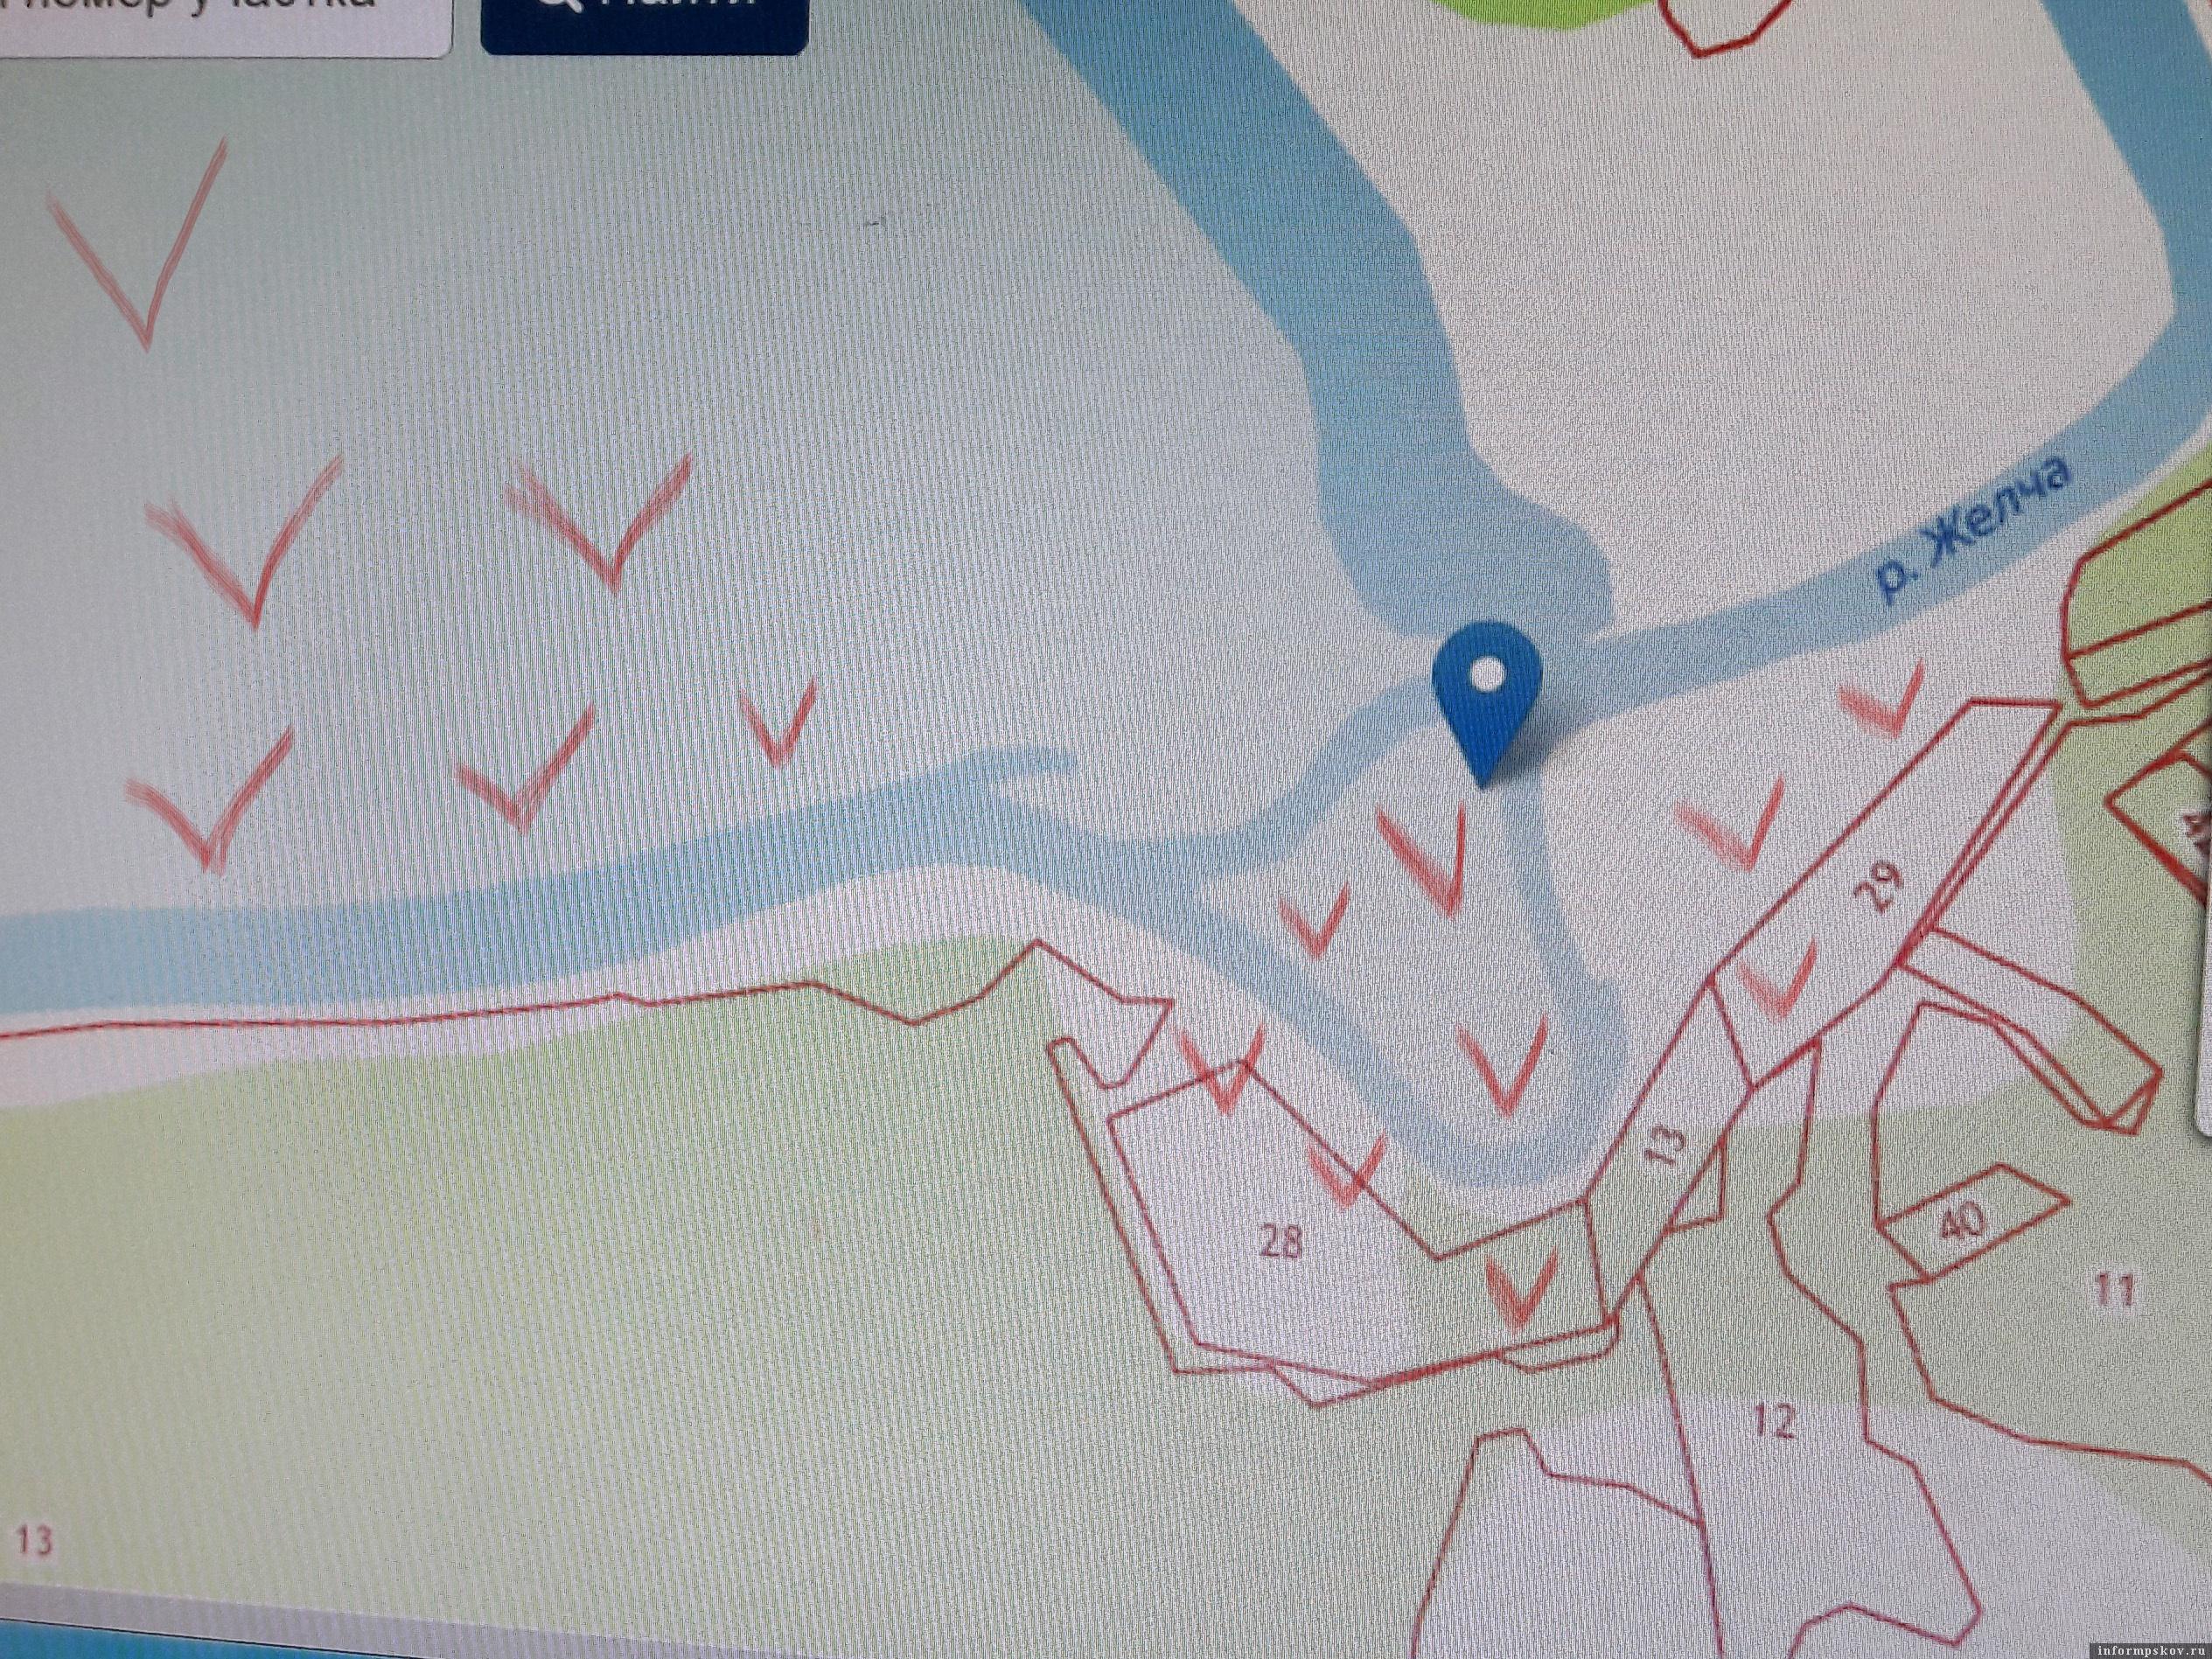 Фрагмент публичной кадастровой карты Псковской области с указанием номеров кадастровых участков. Из сообщений - пострадали только участки № 13, 28 и 29 на левом берегу.